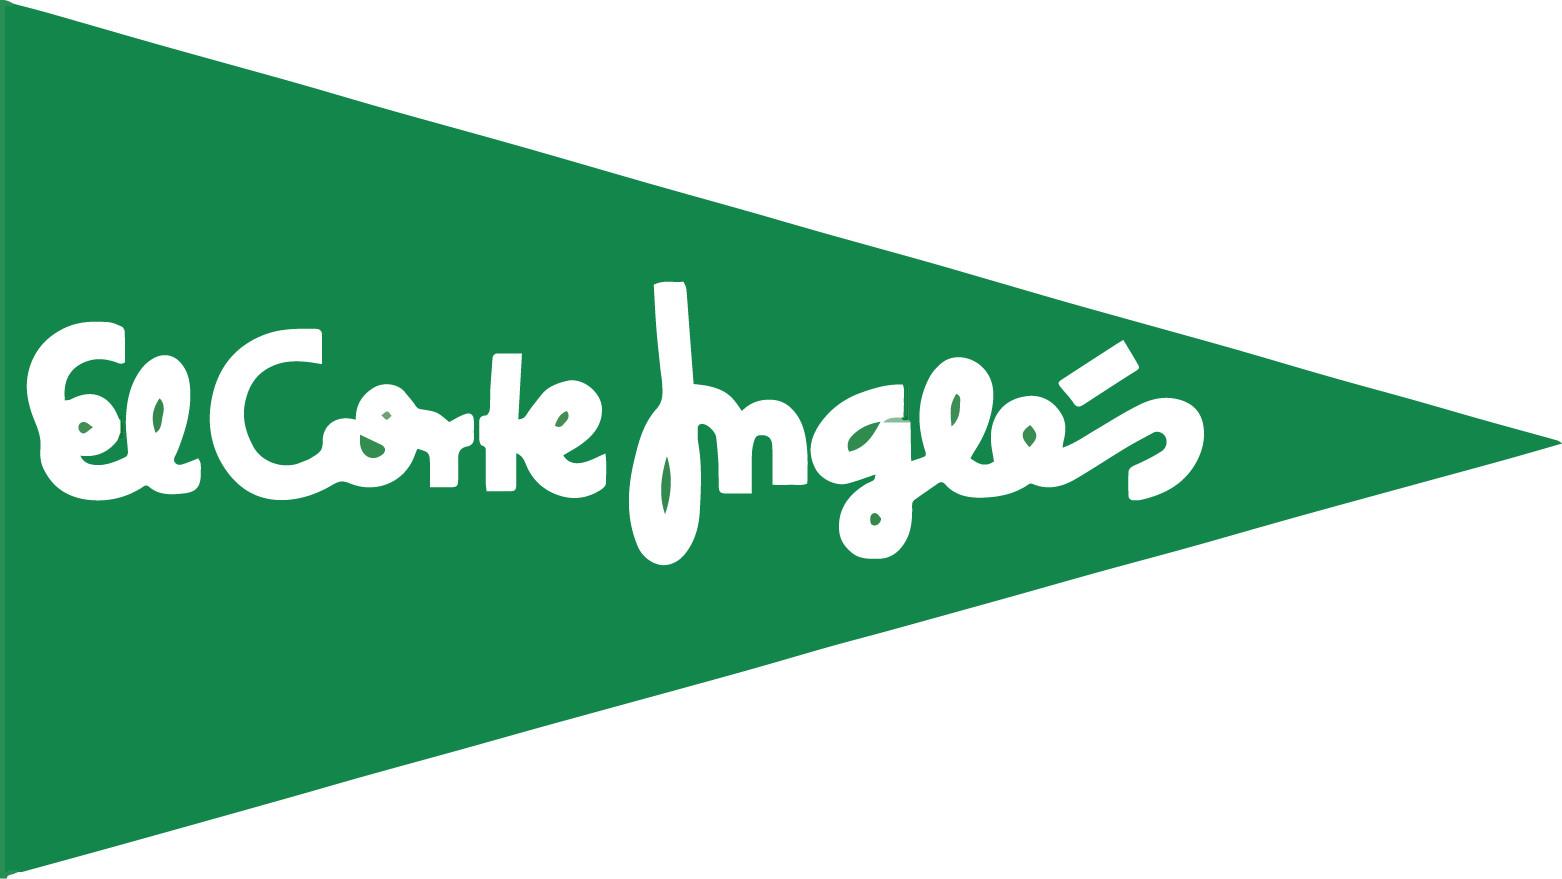 Logo el corte ingl s 30 pas ras - El corte ingles vajillas ...